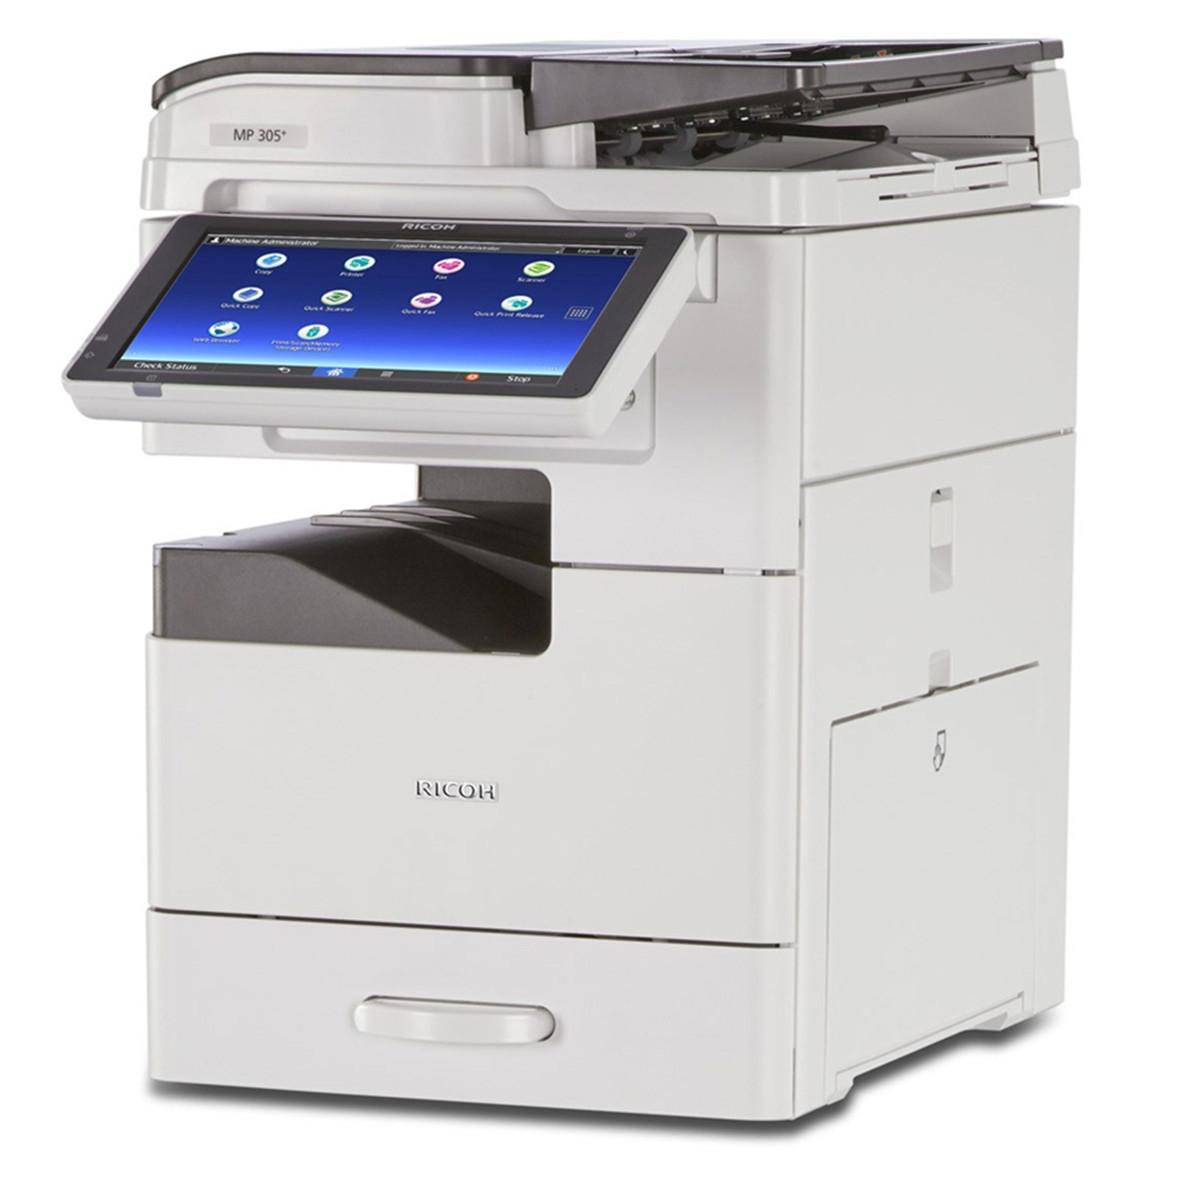 Impressora Ricoh MP 305SPF MP305 | Multifuncional Laser Monocromática com Rede e Duplex